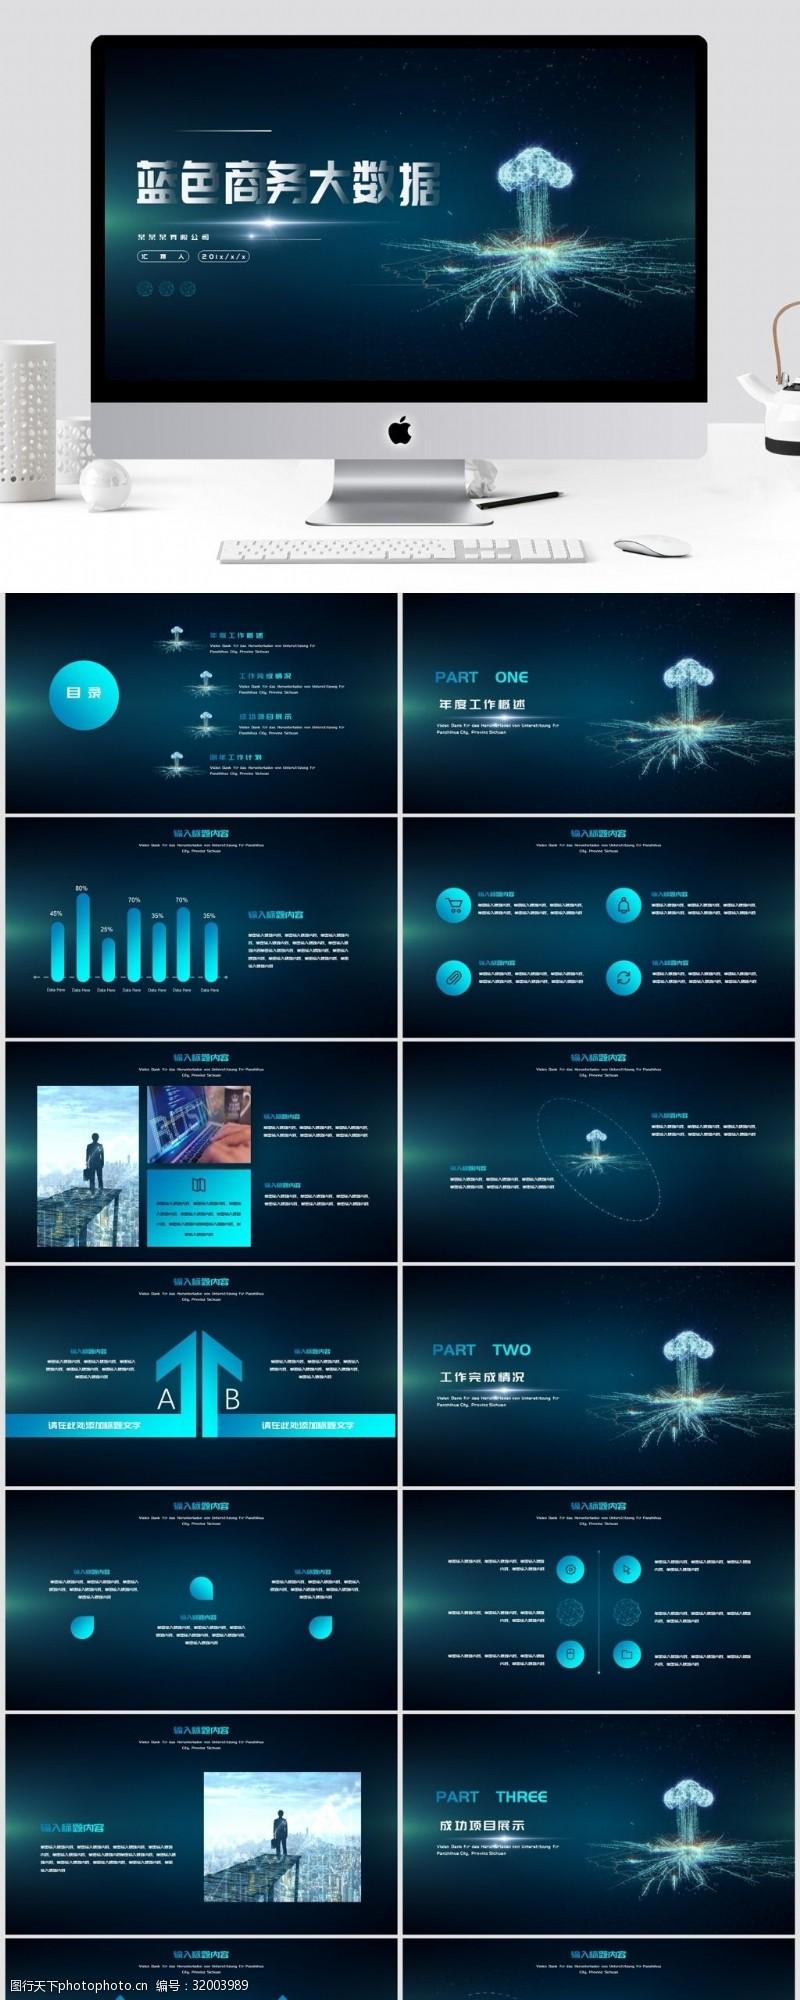 数据ppt模板2019蓝色科技风互联网大数据PPT模板